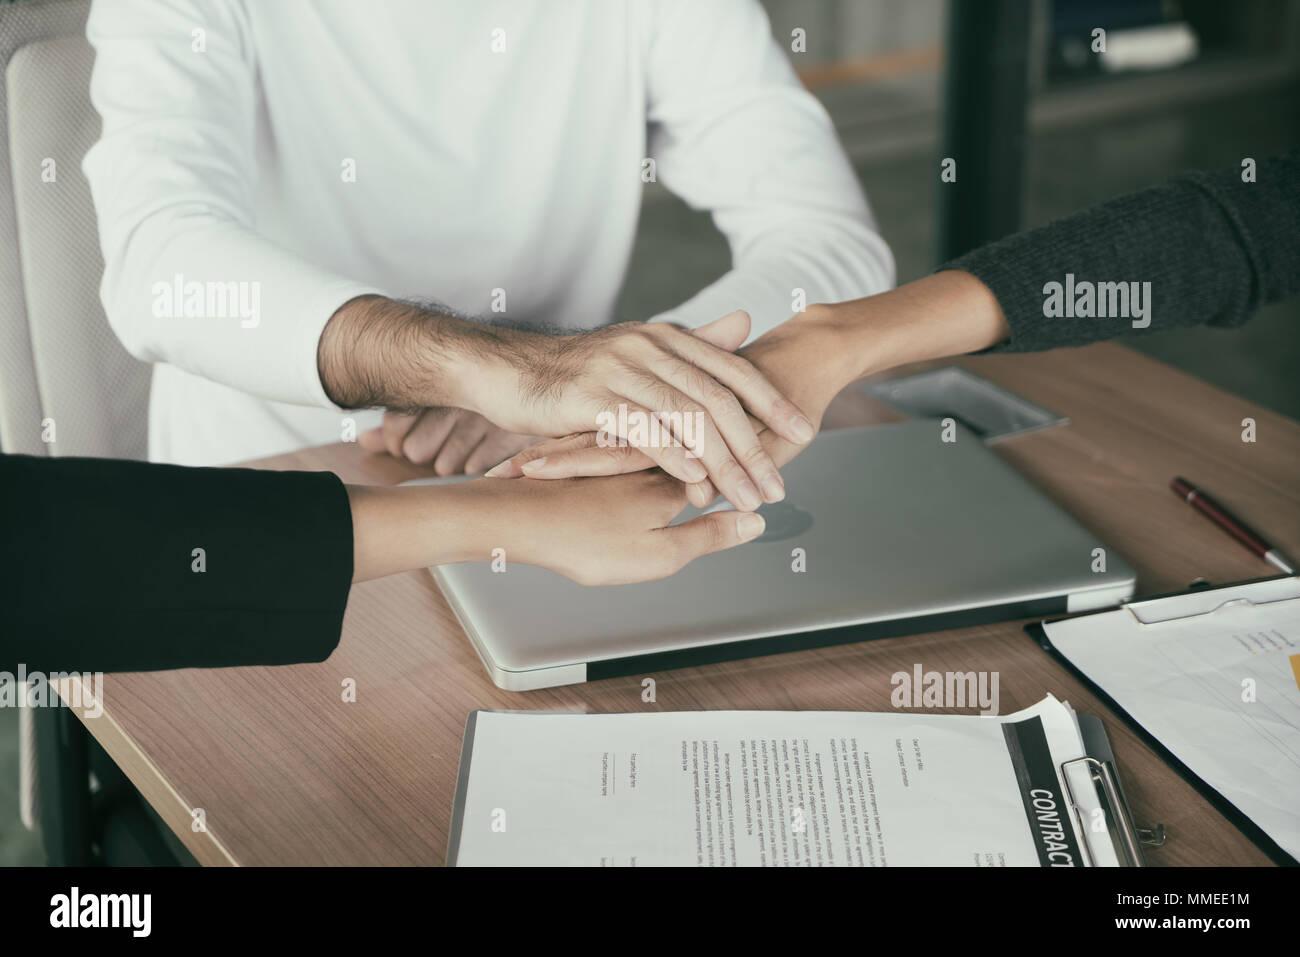 Fesselnd Drei Business Partner Team Mit Hände Zusammen Zu Begrüßung Bis Projekt Im  Büro Beginnen. Business Meeting Konzept